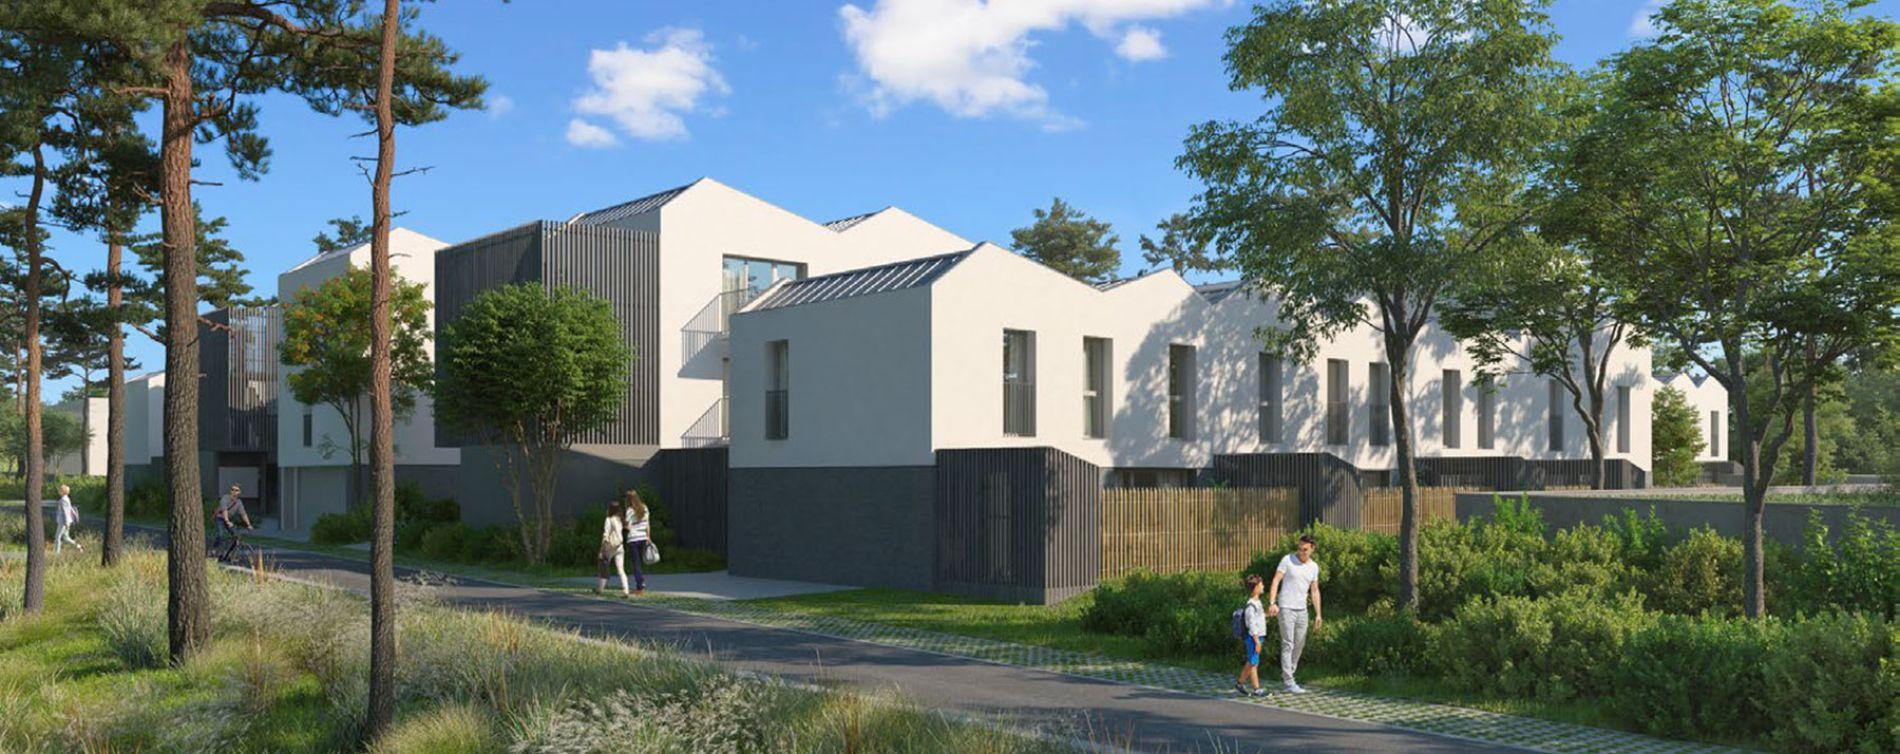 Mérignac : programme immobilier neuve « Charme - Parc Mirepin »